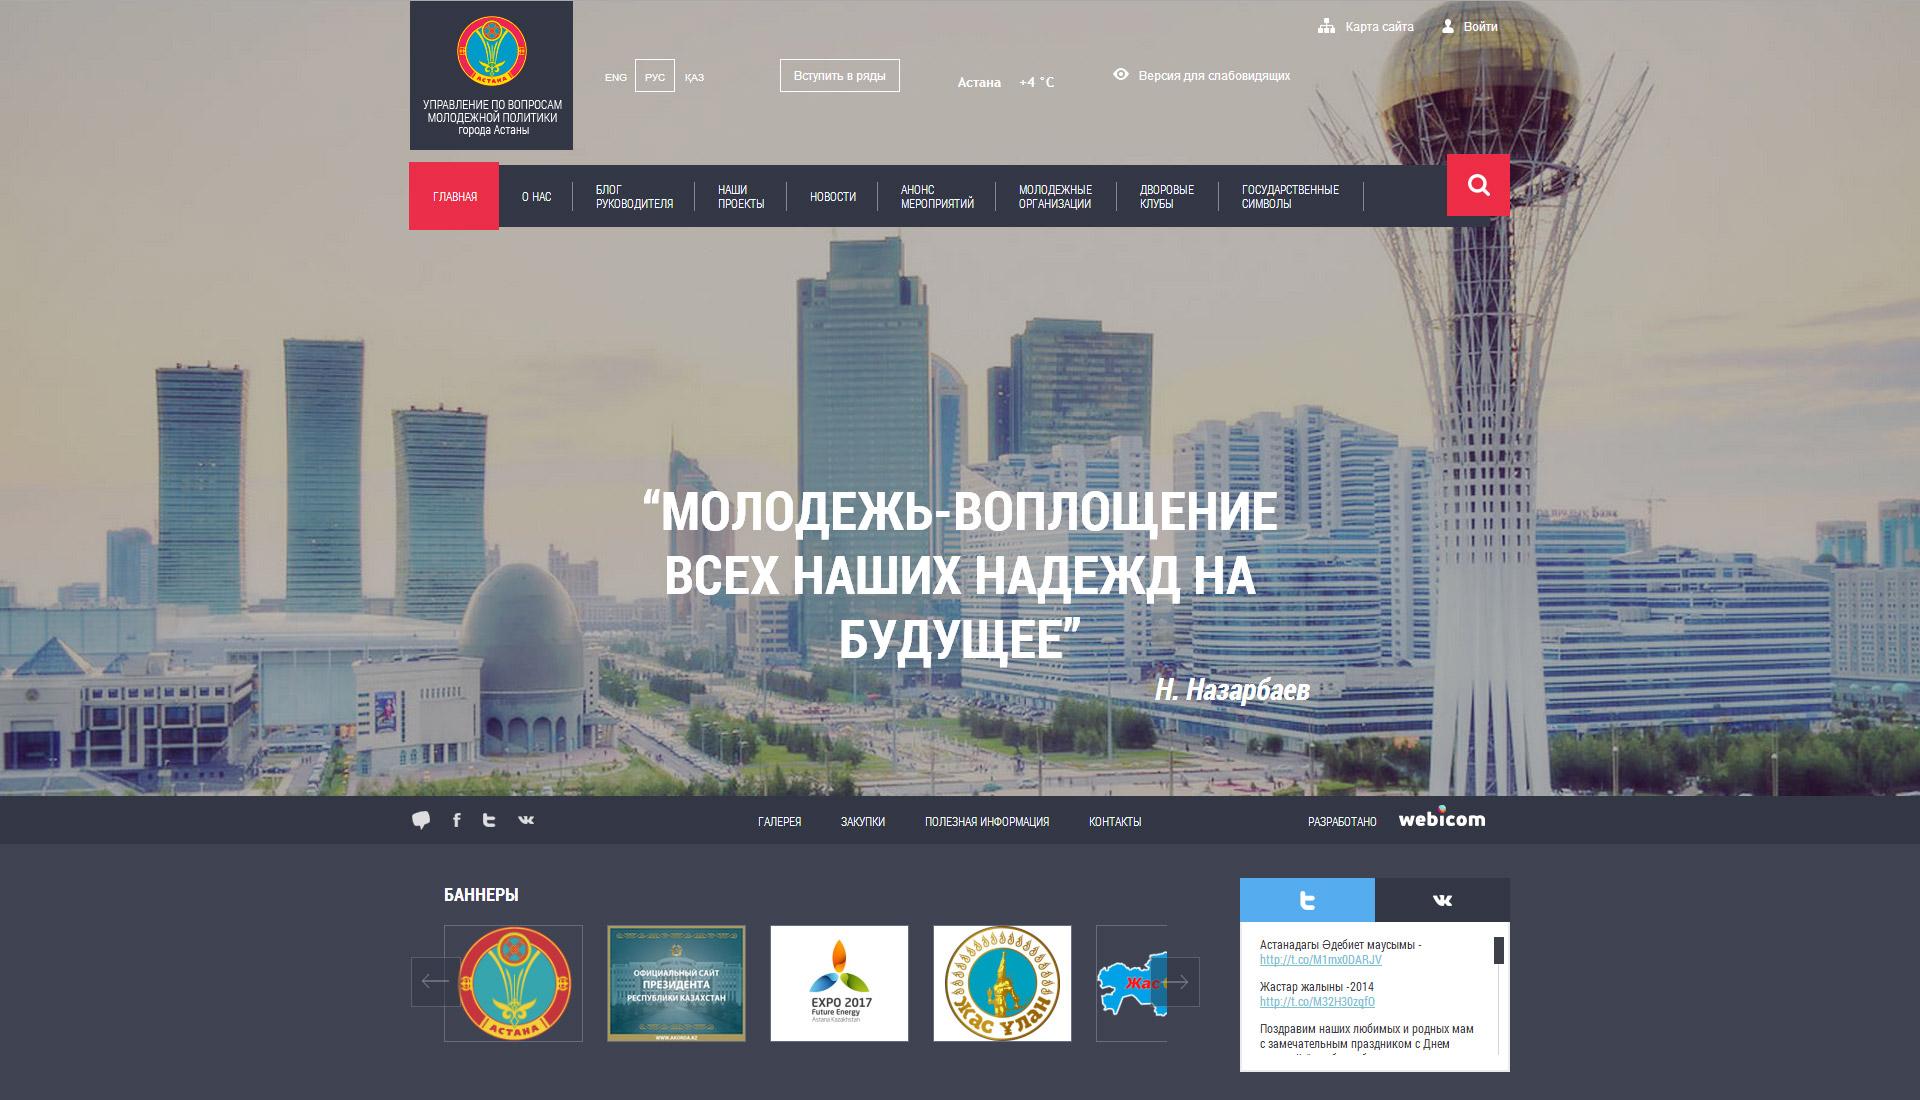 Управление по вопросам молодежной политики города Астана